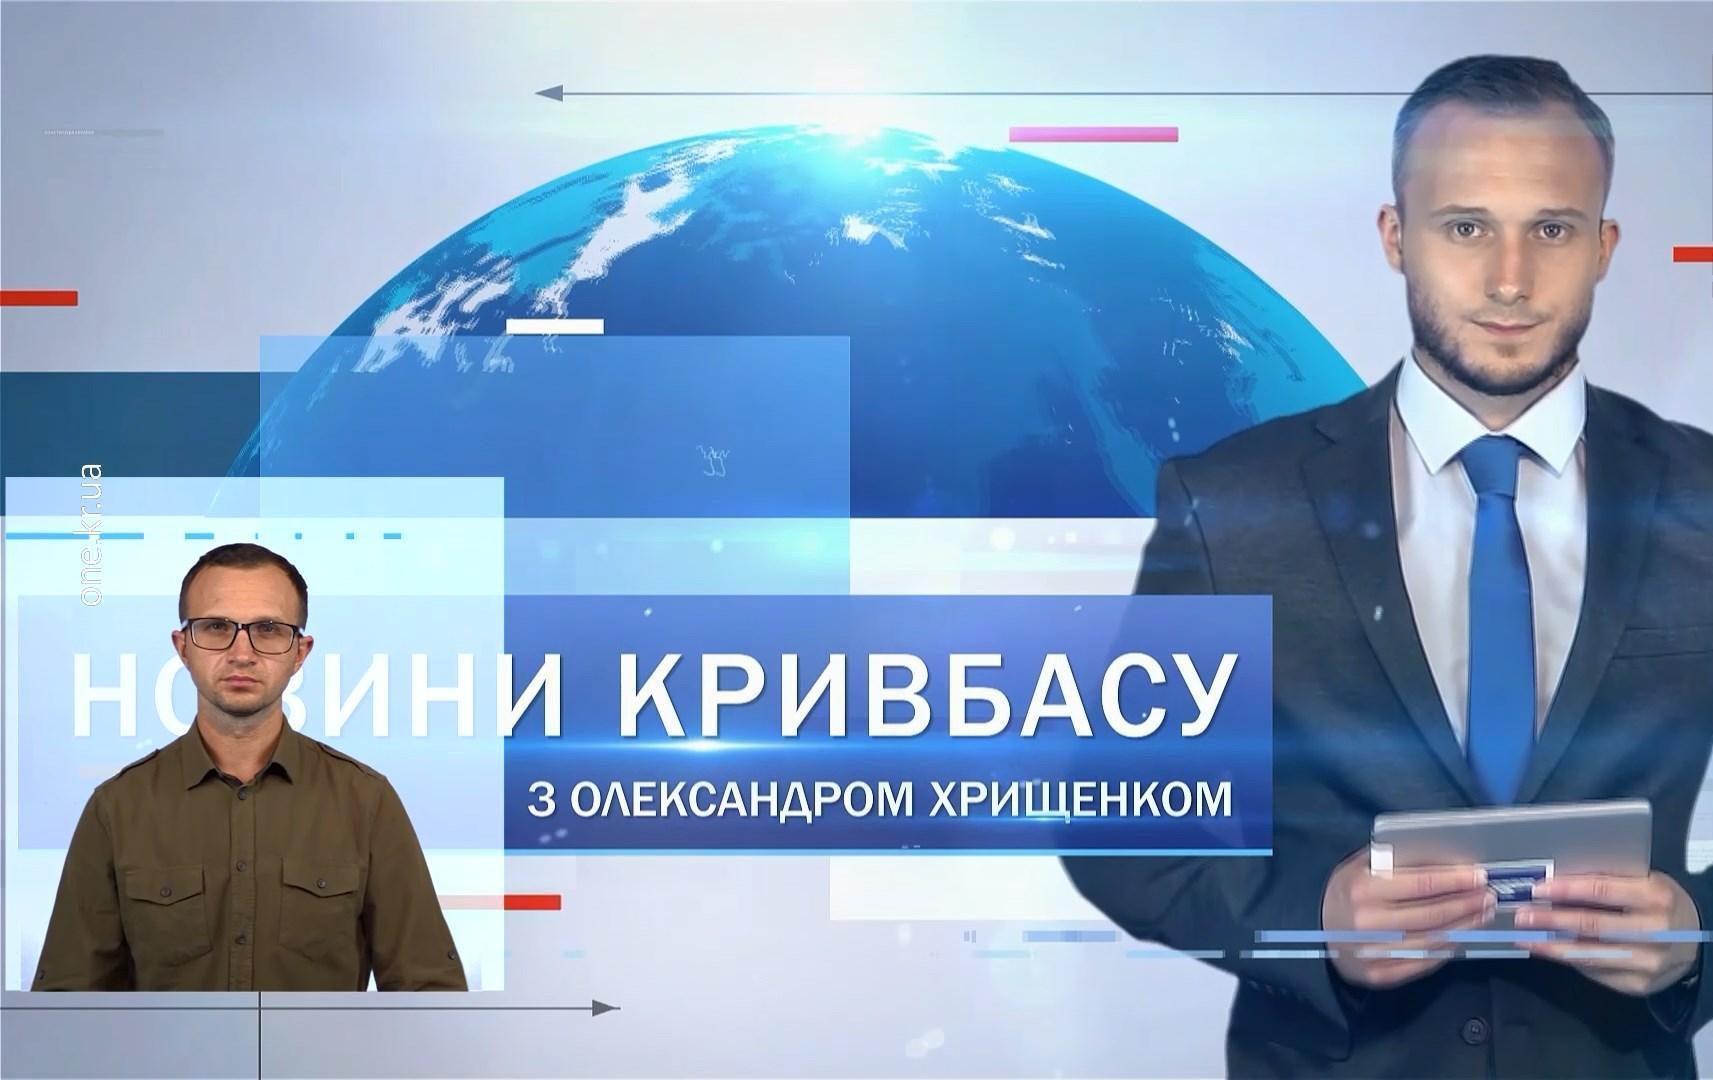 Новини Кривбасу 19 жовтня(сурдопереклад): самогубець, мобільна «Віза», інтернет-флешмоб